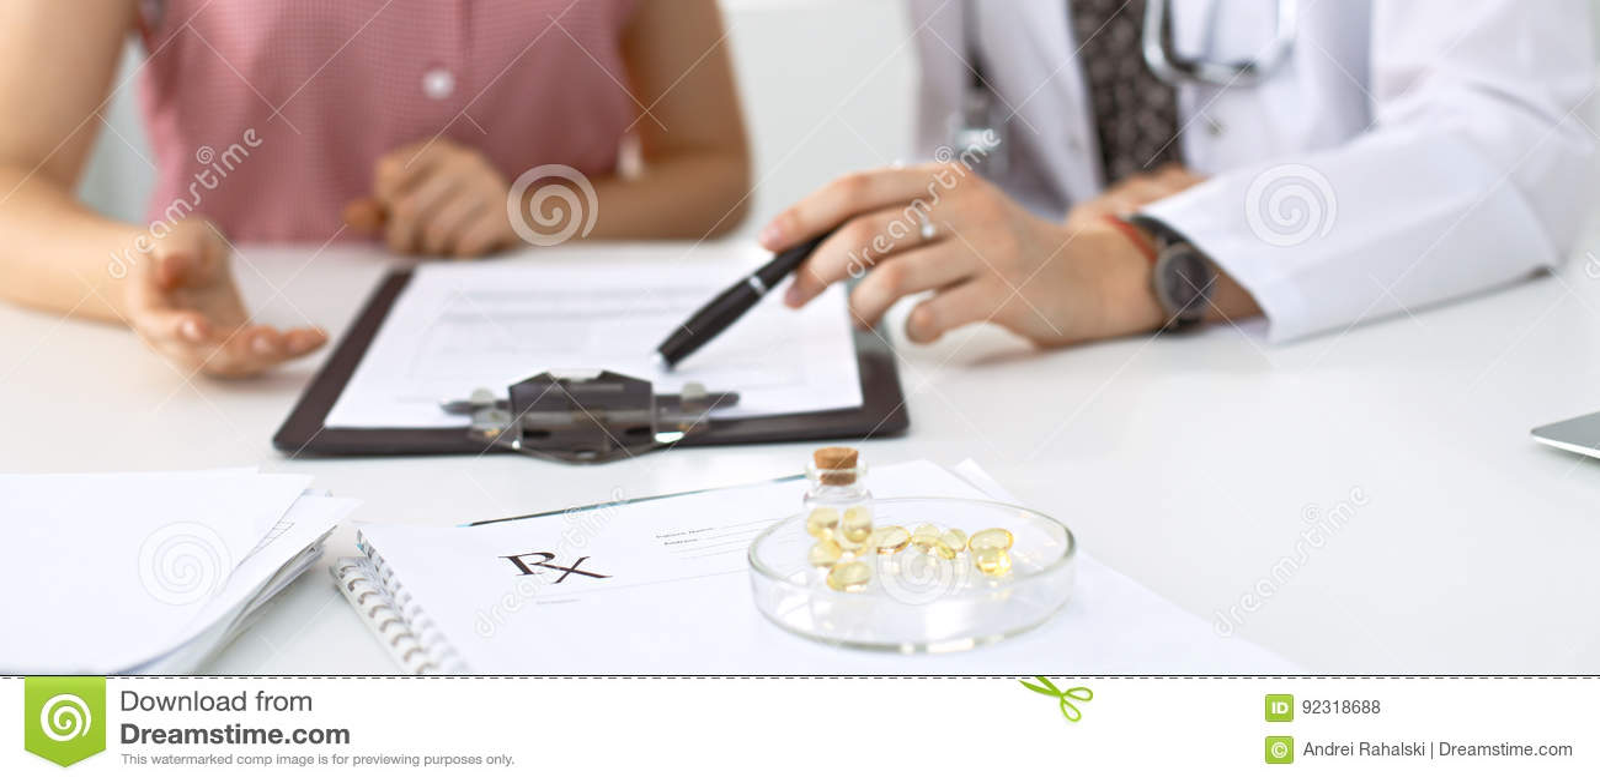 De medische de de voorschriftvorm, capsules en pillen liggen tegen de achtergrond van een arts en een patiënt die gezondheid besp